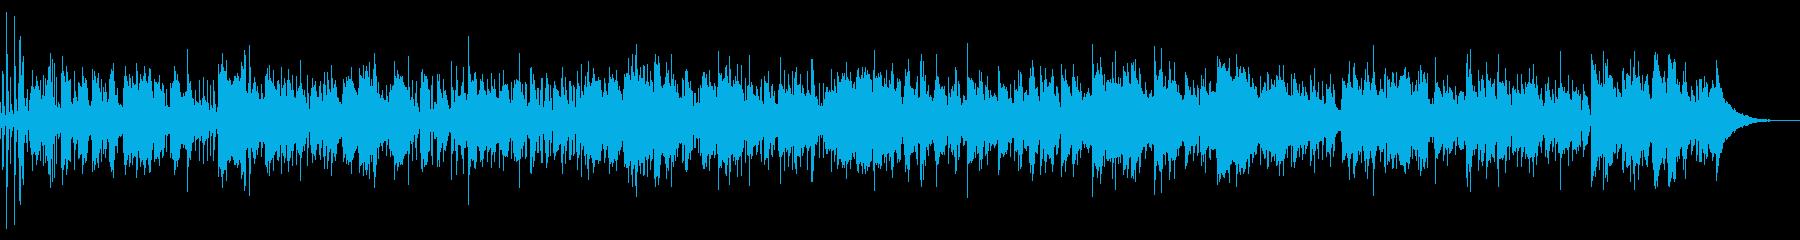 都会的イメージのBGM スムースジャズの再生済みの波形